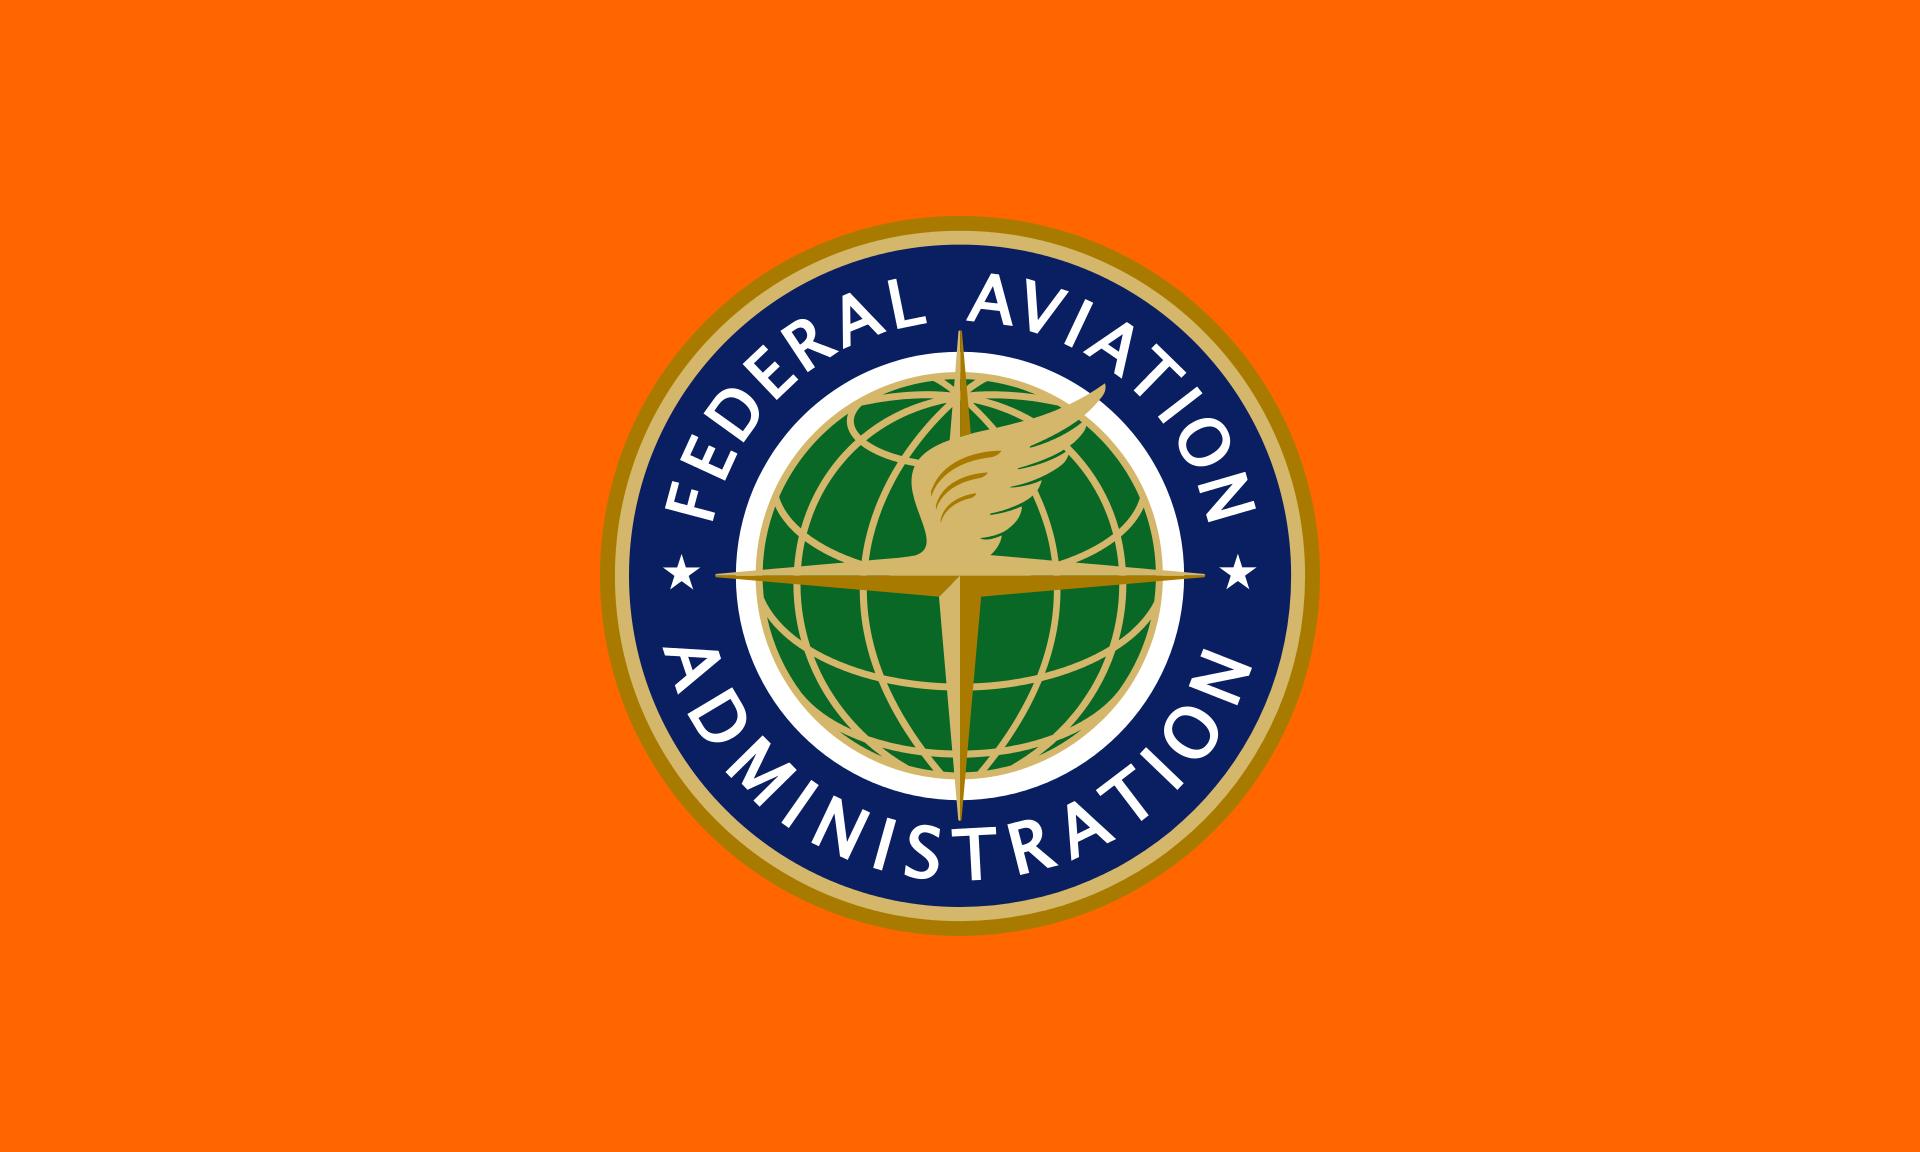 Trump nombra a exejecutivo de Delta para dirigir autoridad federal de aviación